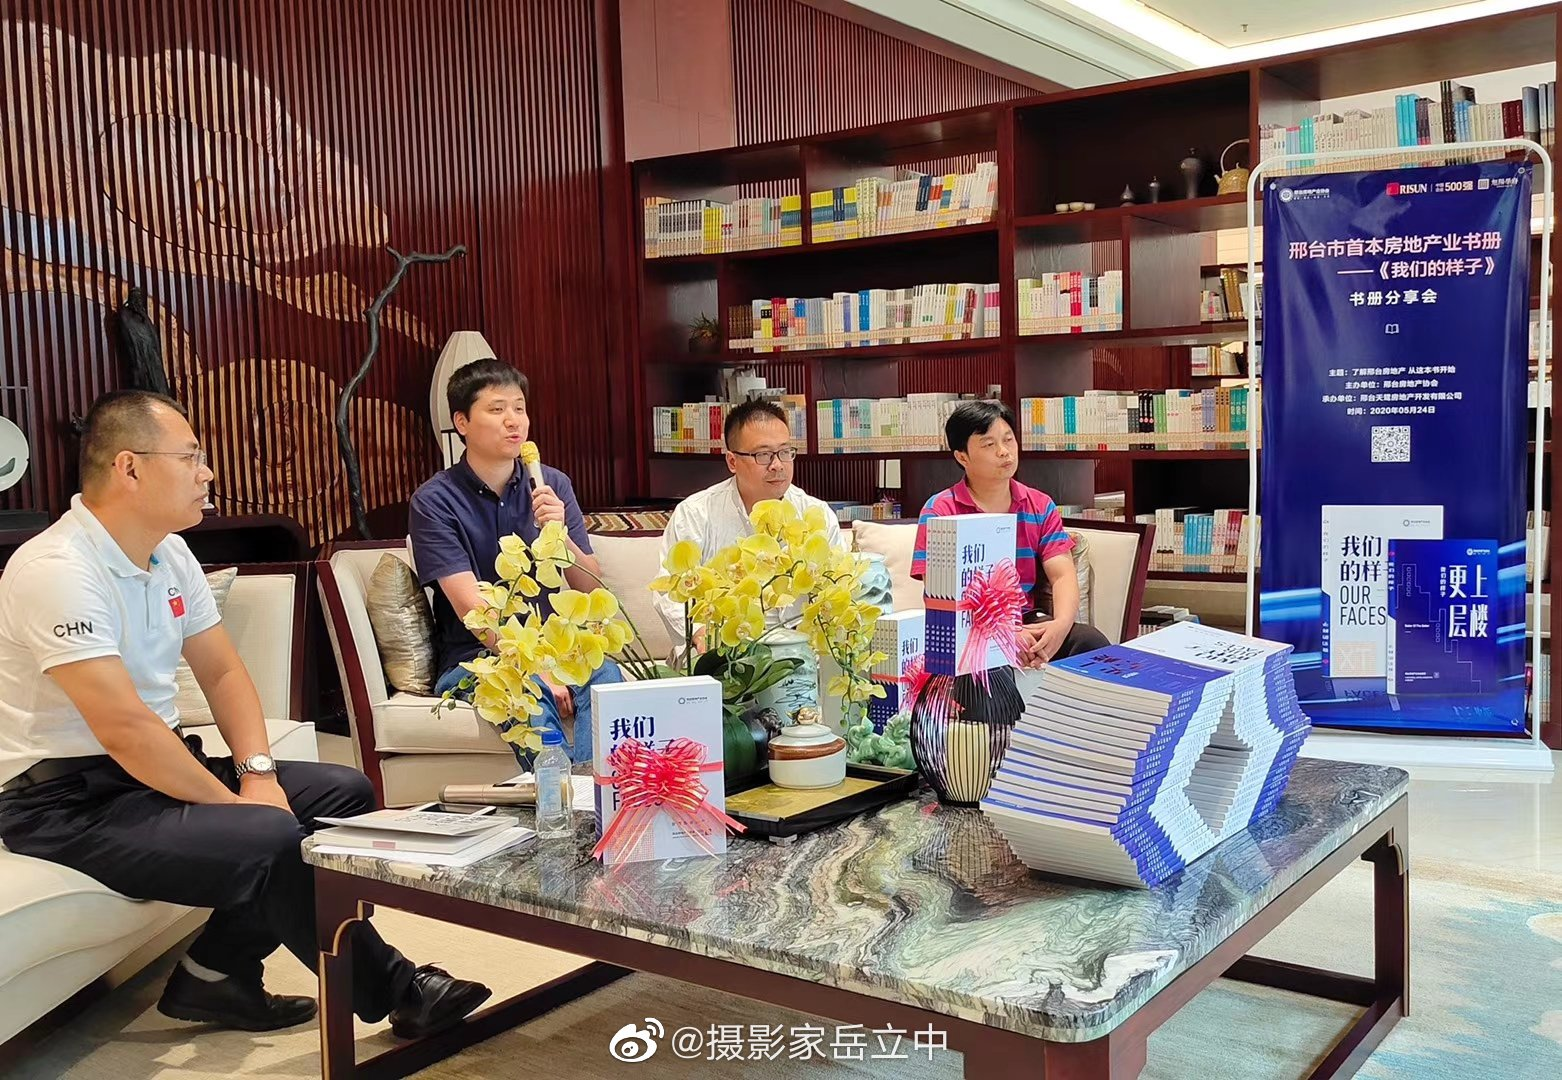 致敬邢台地产人,邢台房地产业协会创新推出了《我们的样子》一书